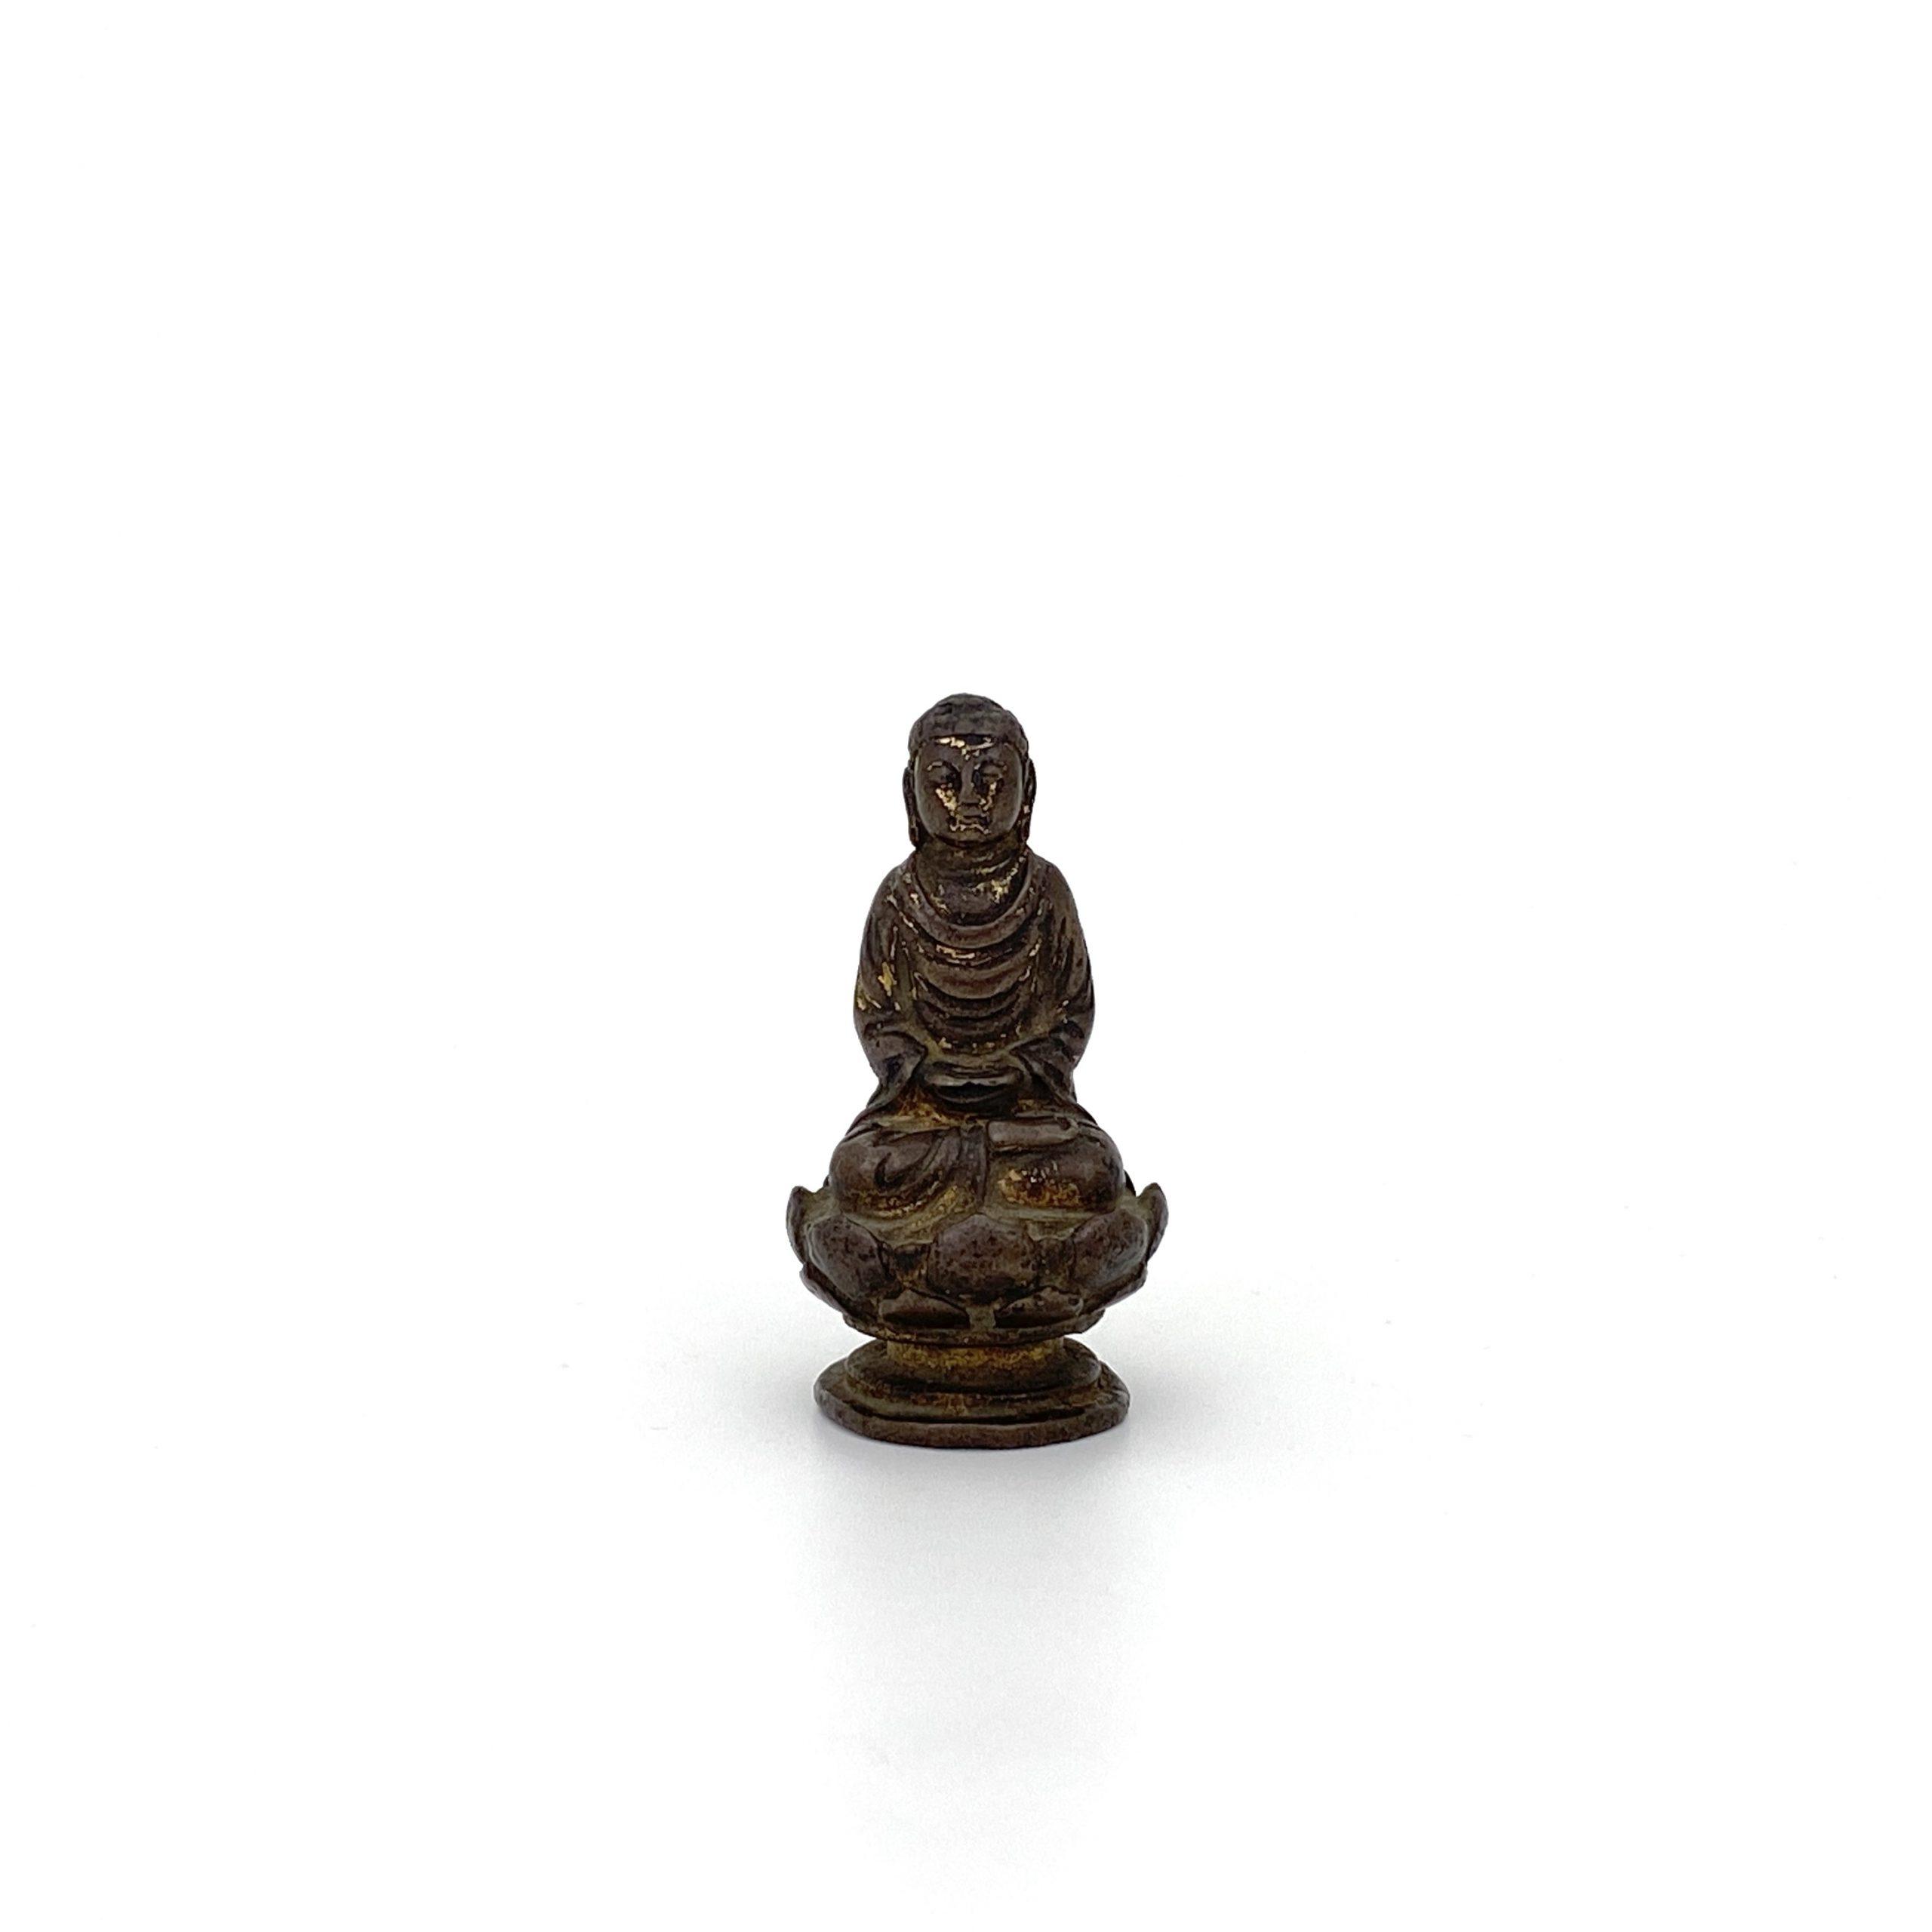 21494遼 青銅鎏金 菩薩坐像